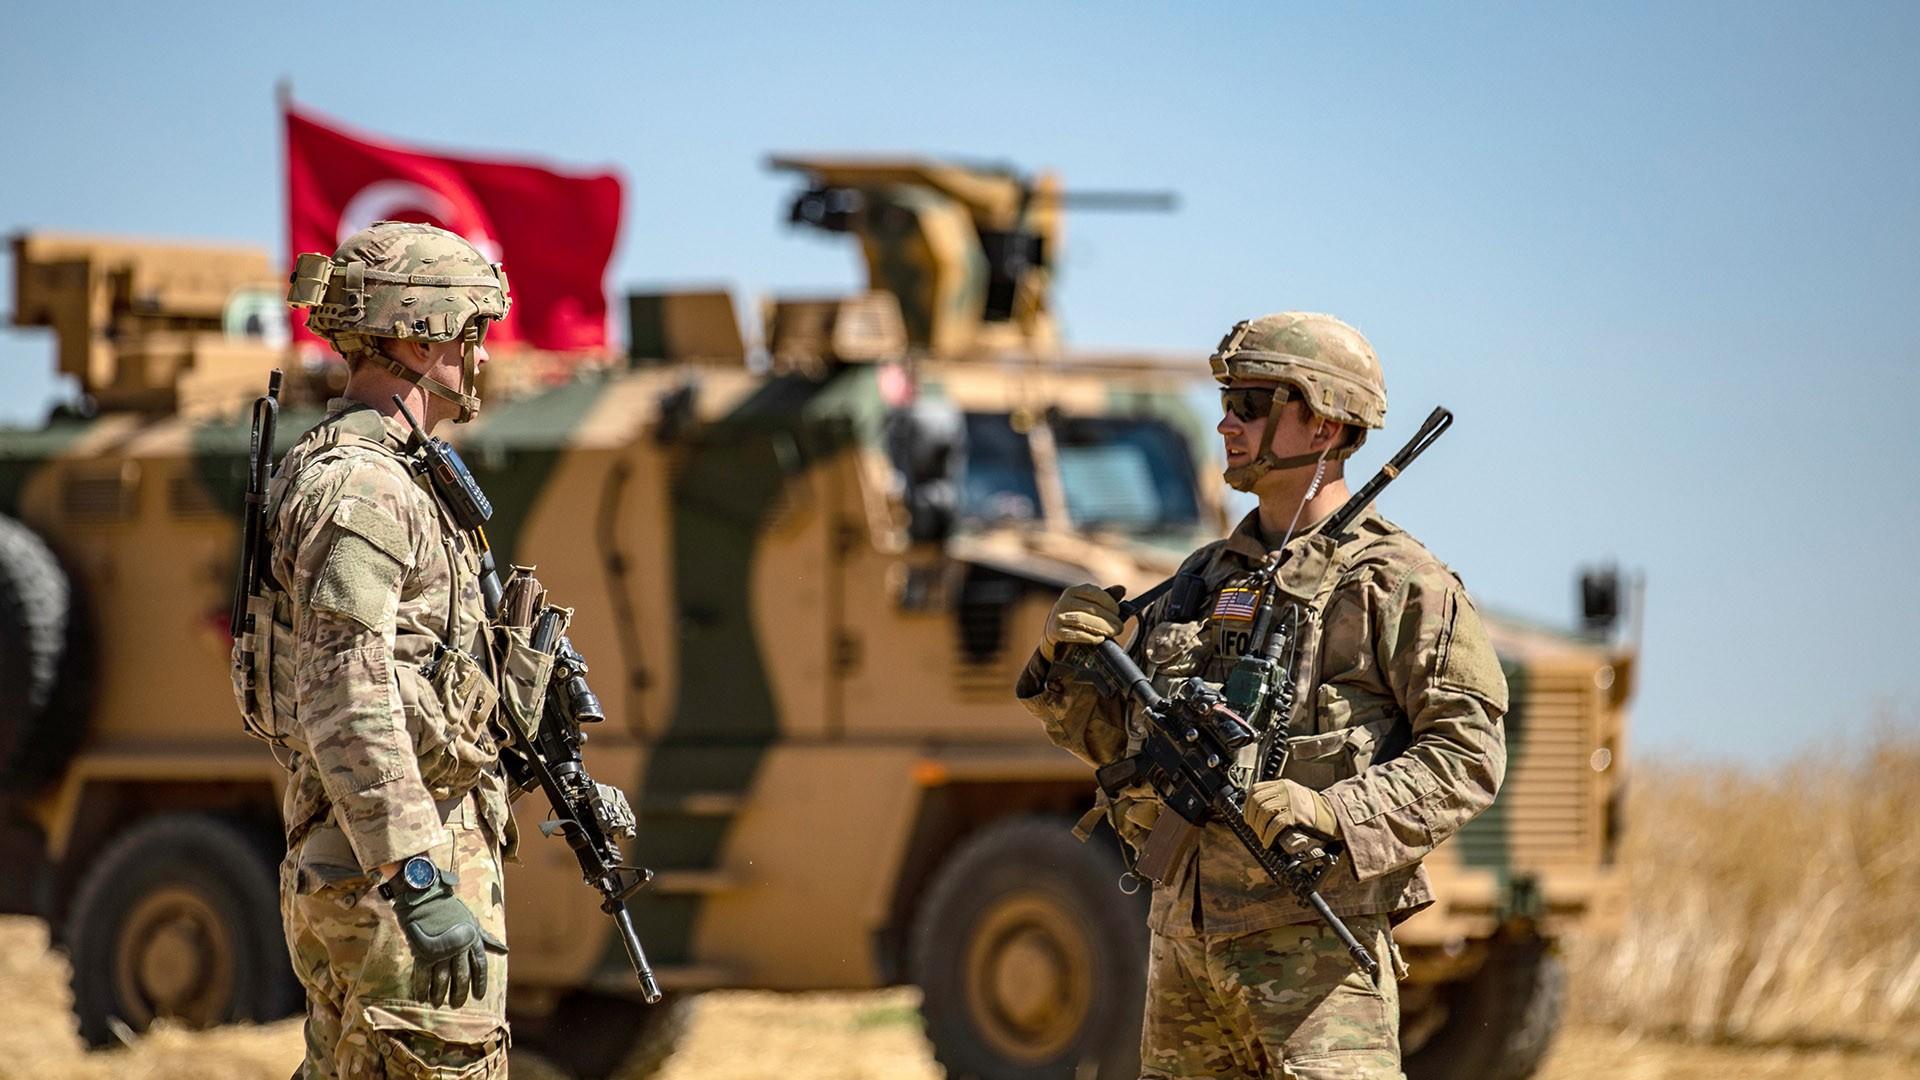 Жители Сирии в опасности: США усиливают вербовку курдских террористов